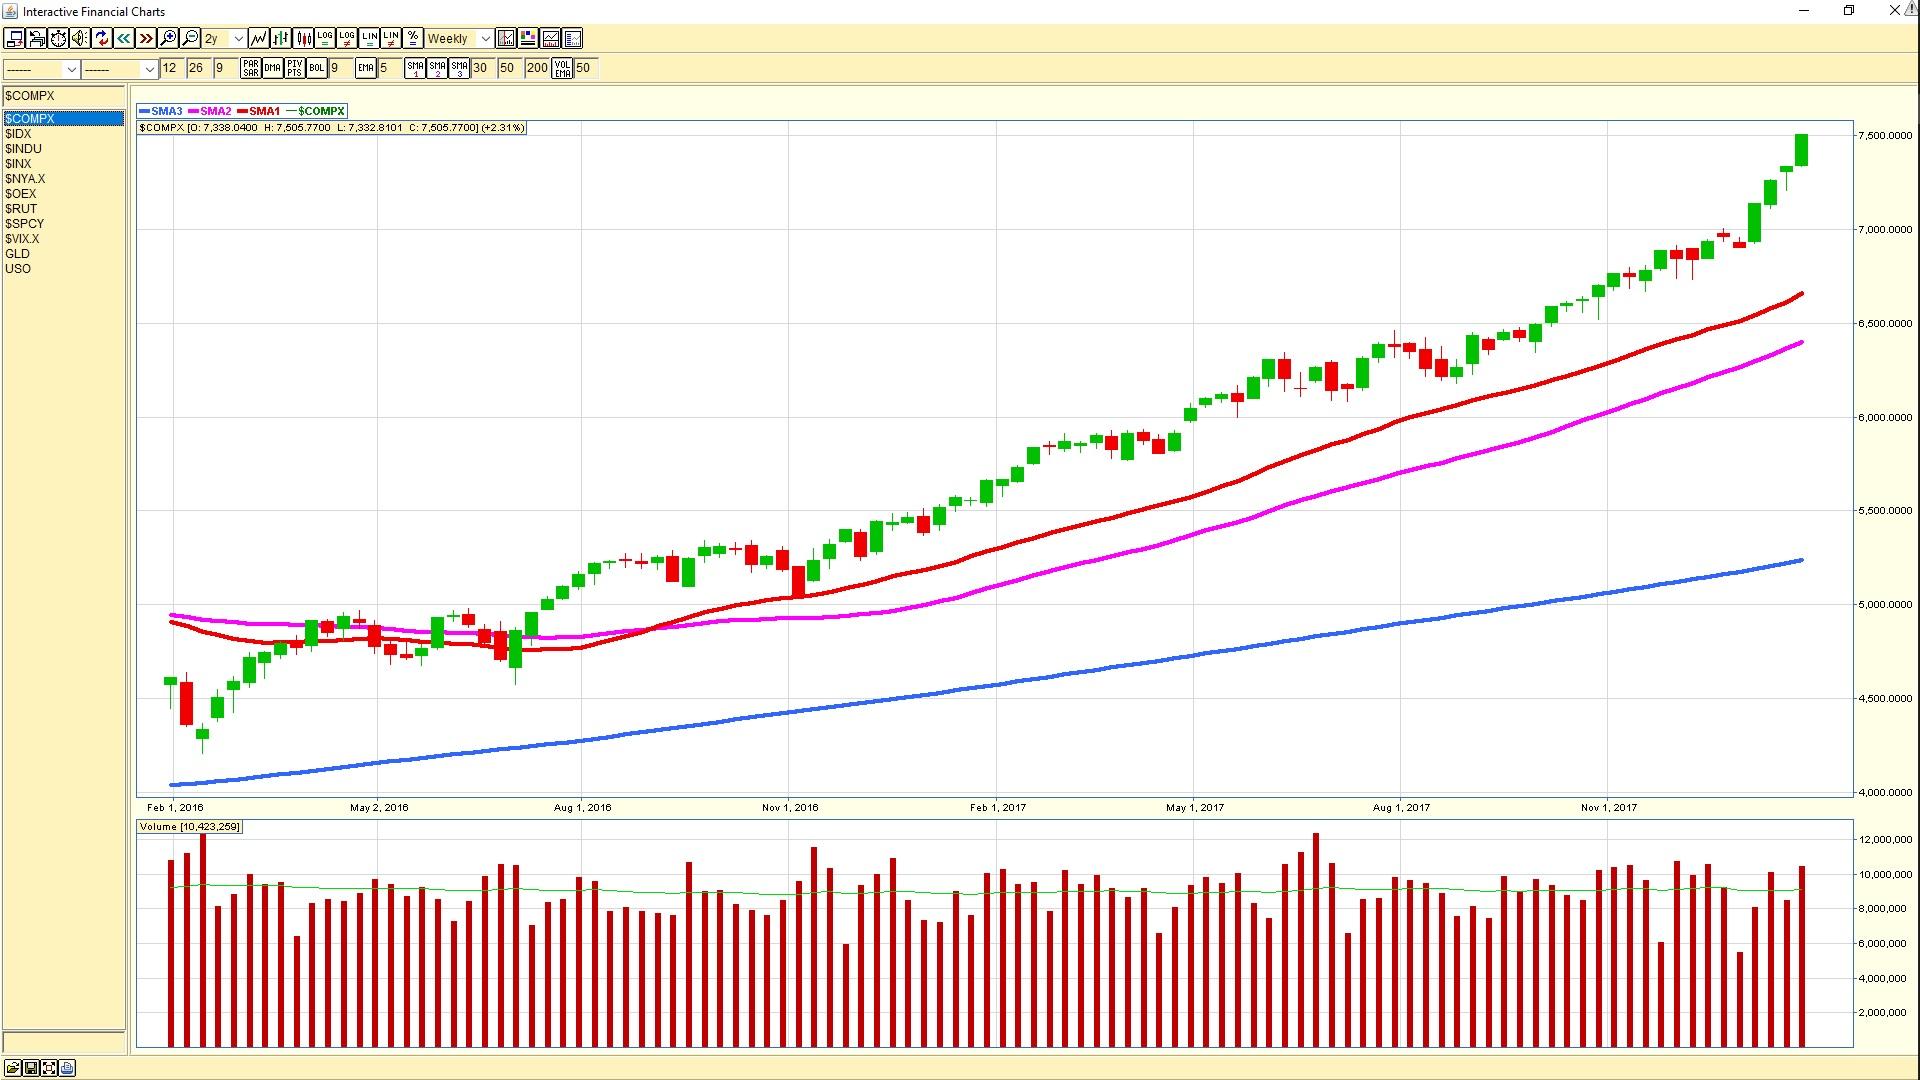 NASDAQ weekly chart 20180126